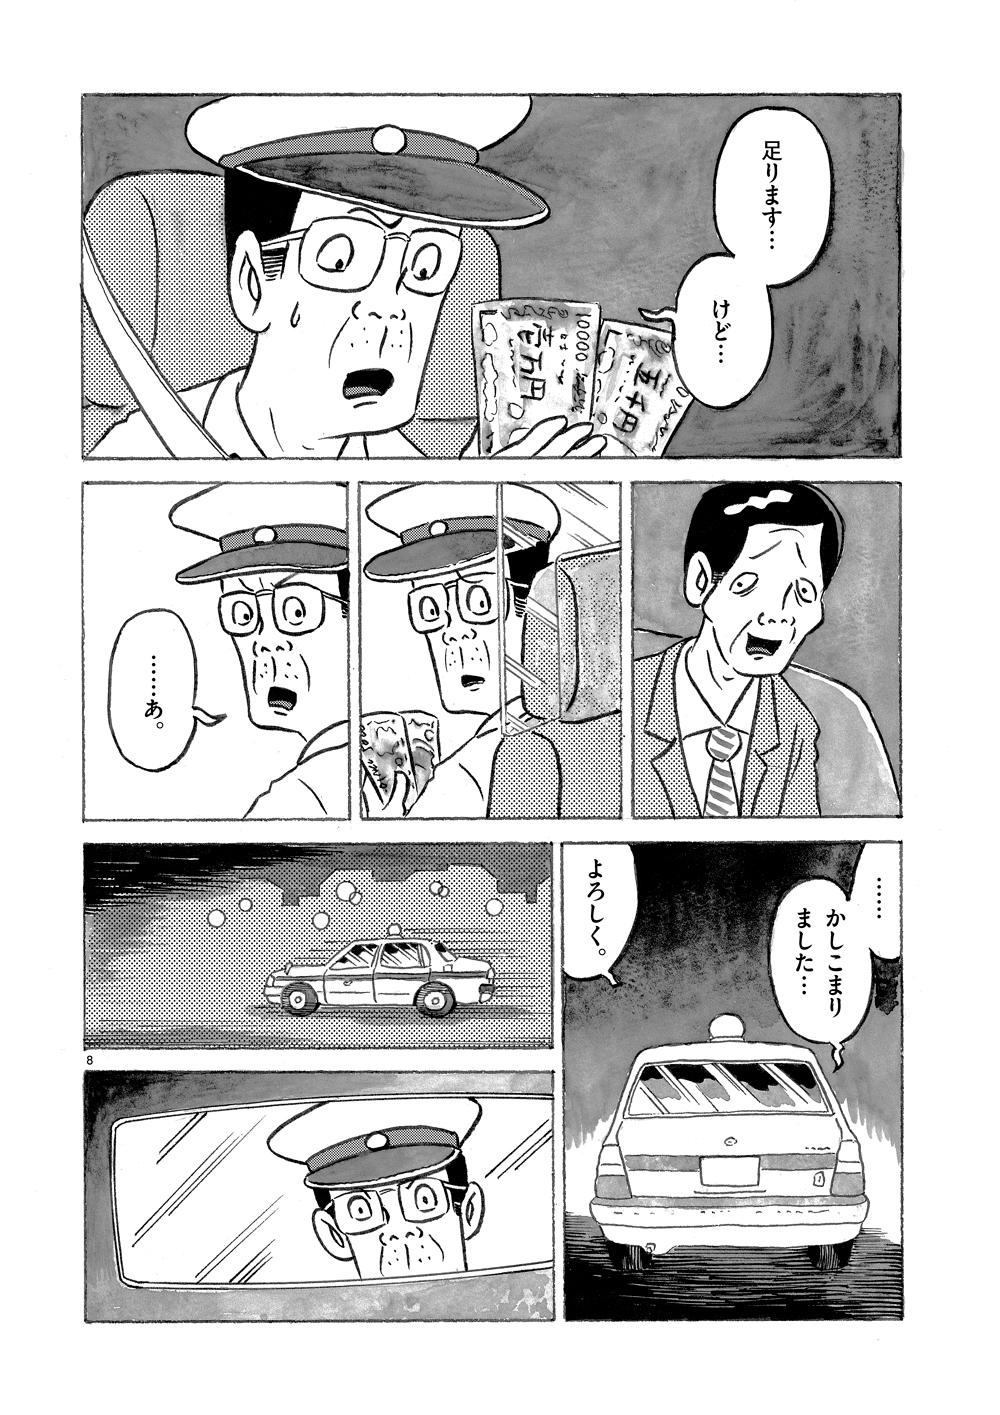 琉球怪談 【第9話】WEB掲載8ページ目画像